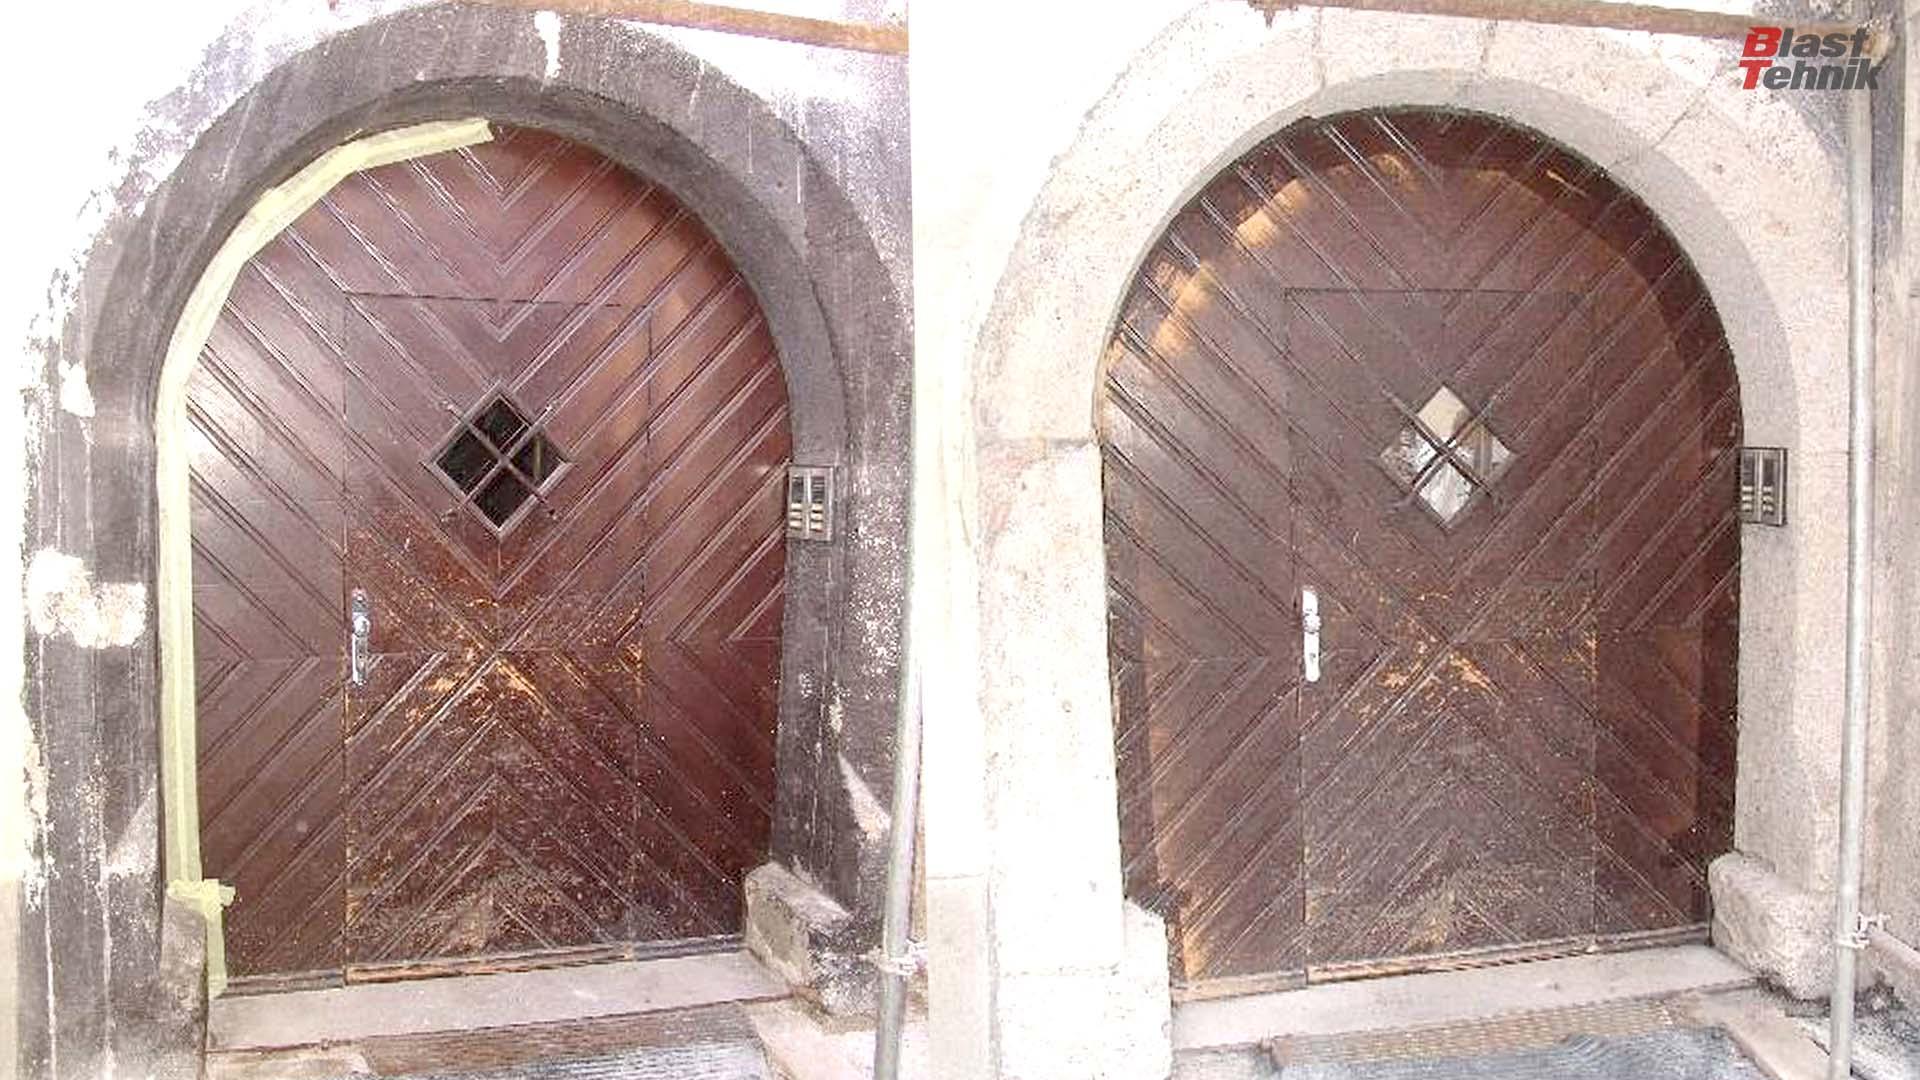 Peskanje kamnitega oboka vrat.